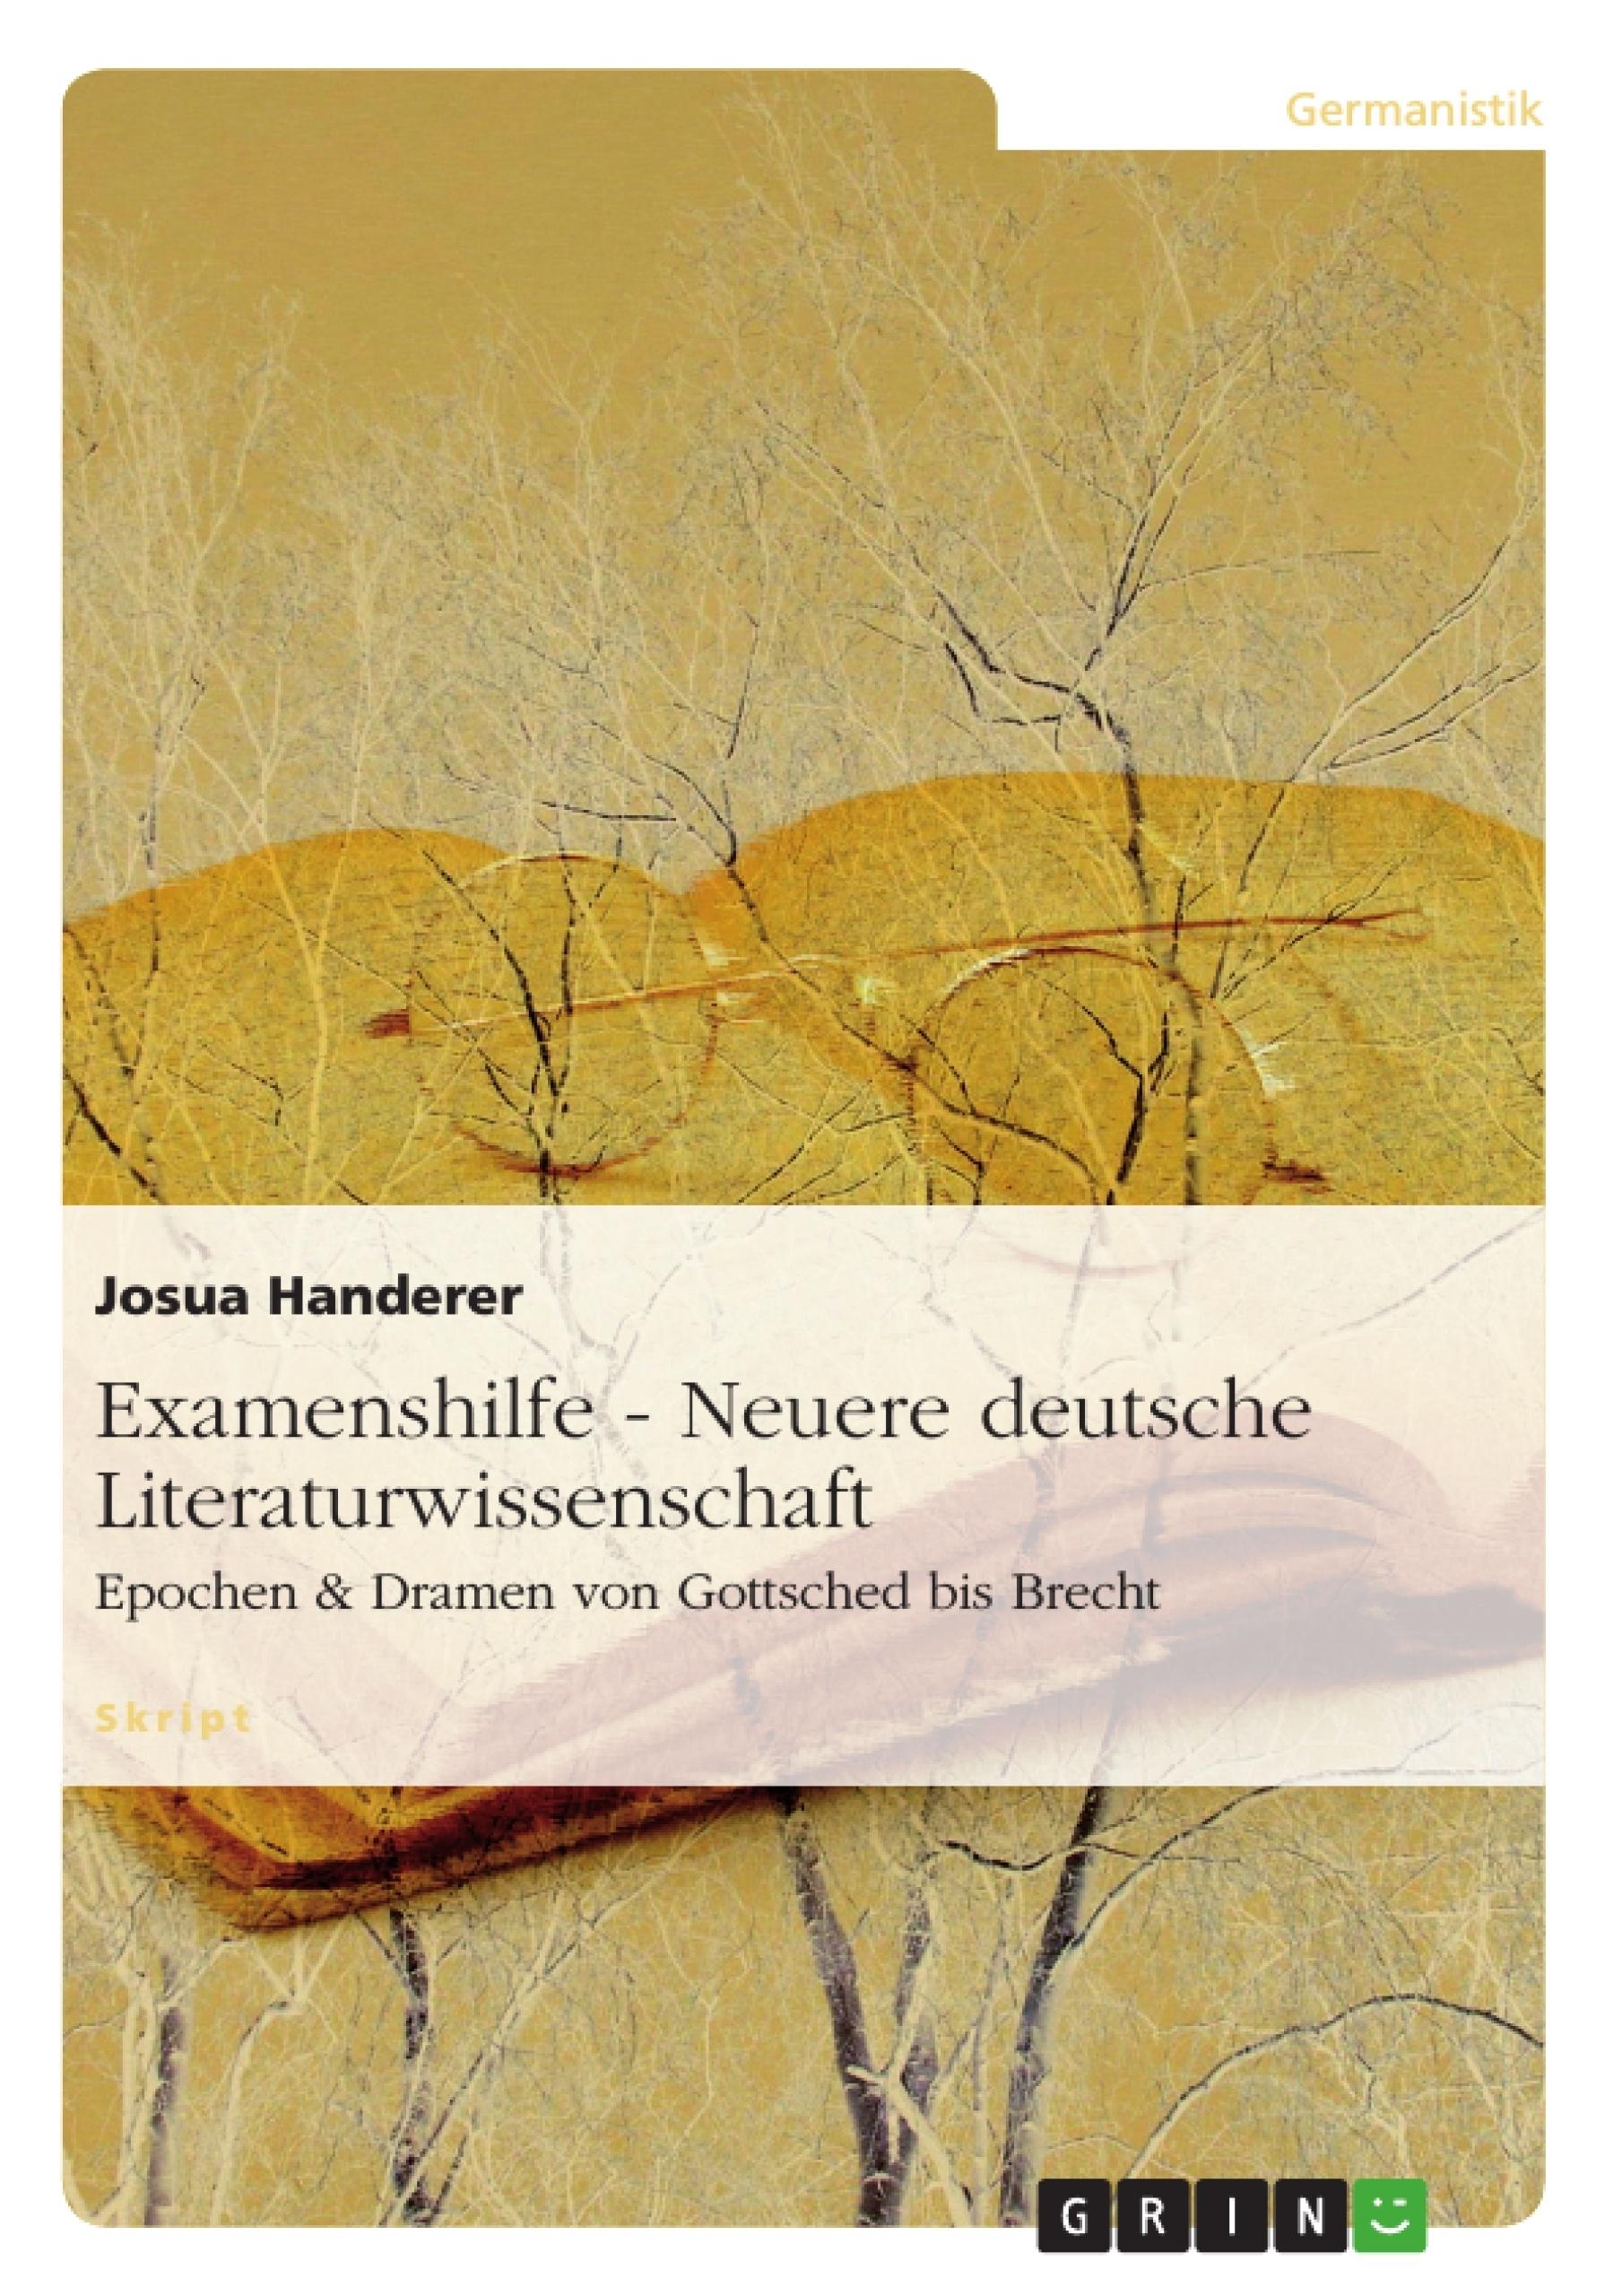 Examenshilfe - Neuere deutsche Literaturwissenschaft | Masterarbeit ...